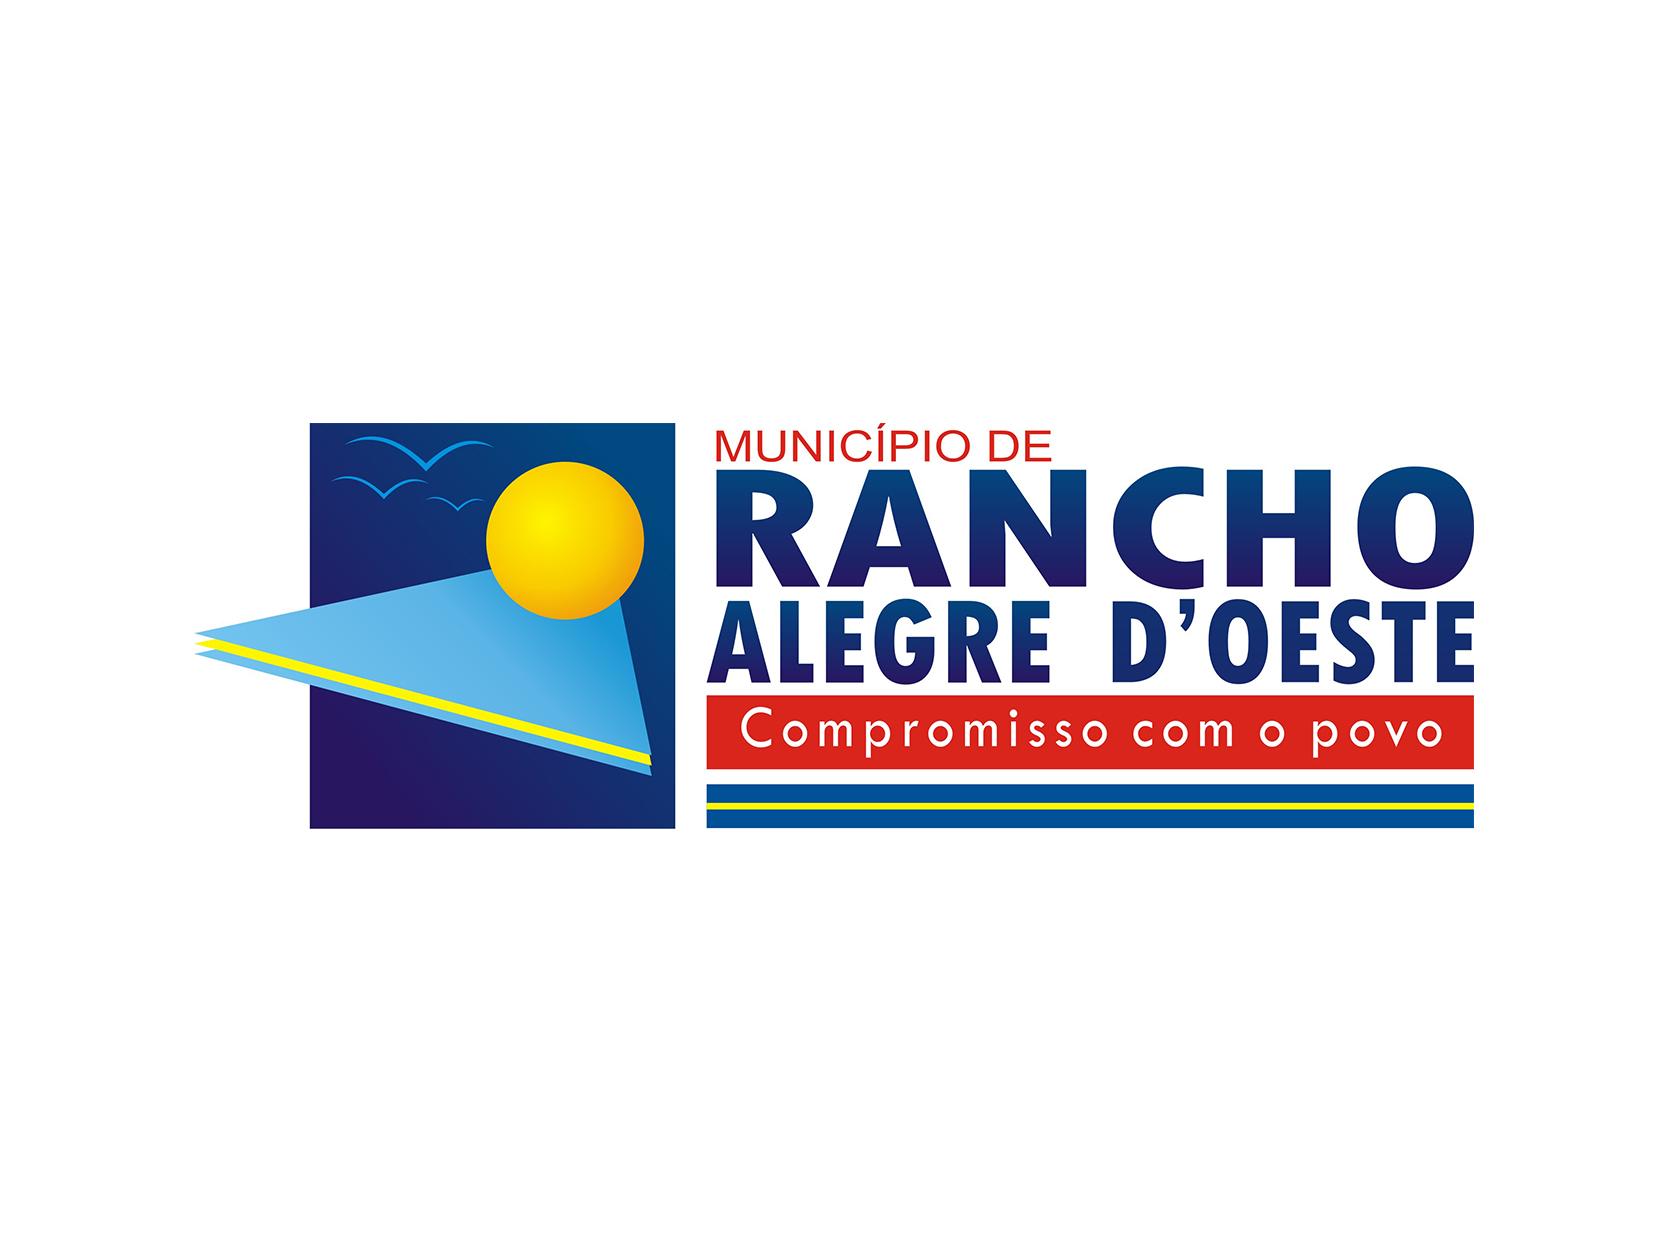 Prefeitura Municipal de Rancho Alegre d'Oeste